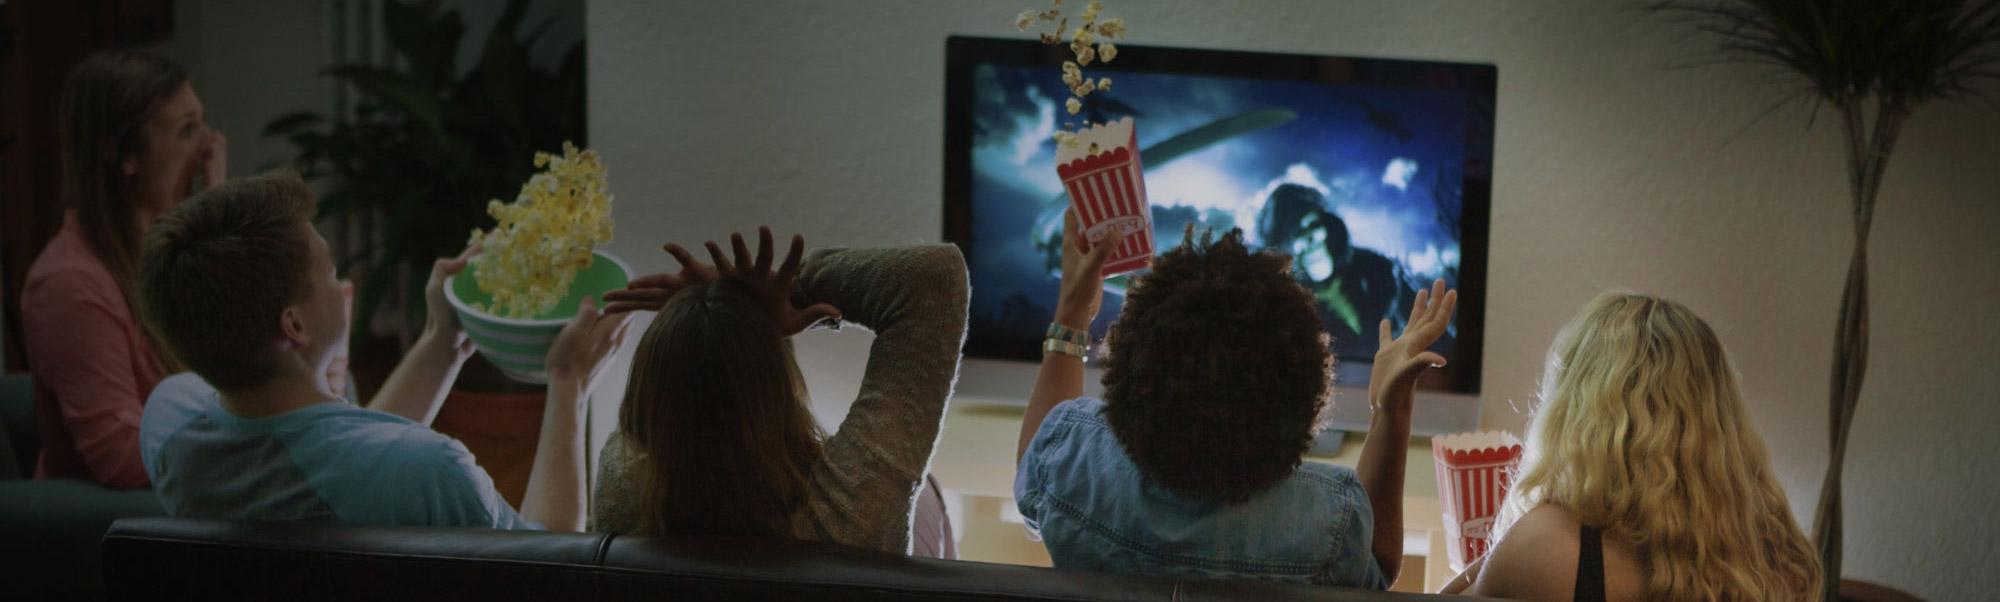 Mira las películas y los programas de TV más recientes a donde vayas